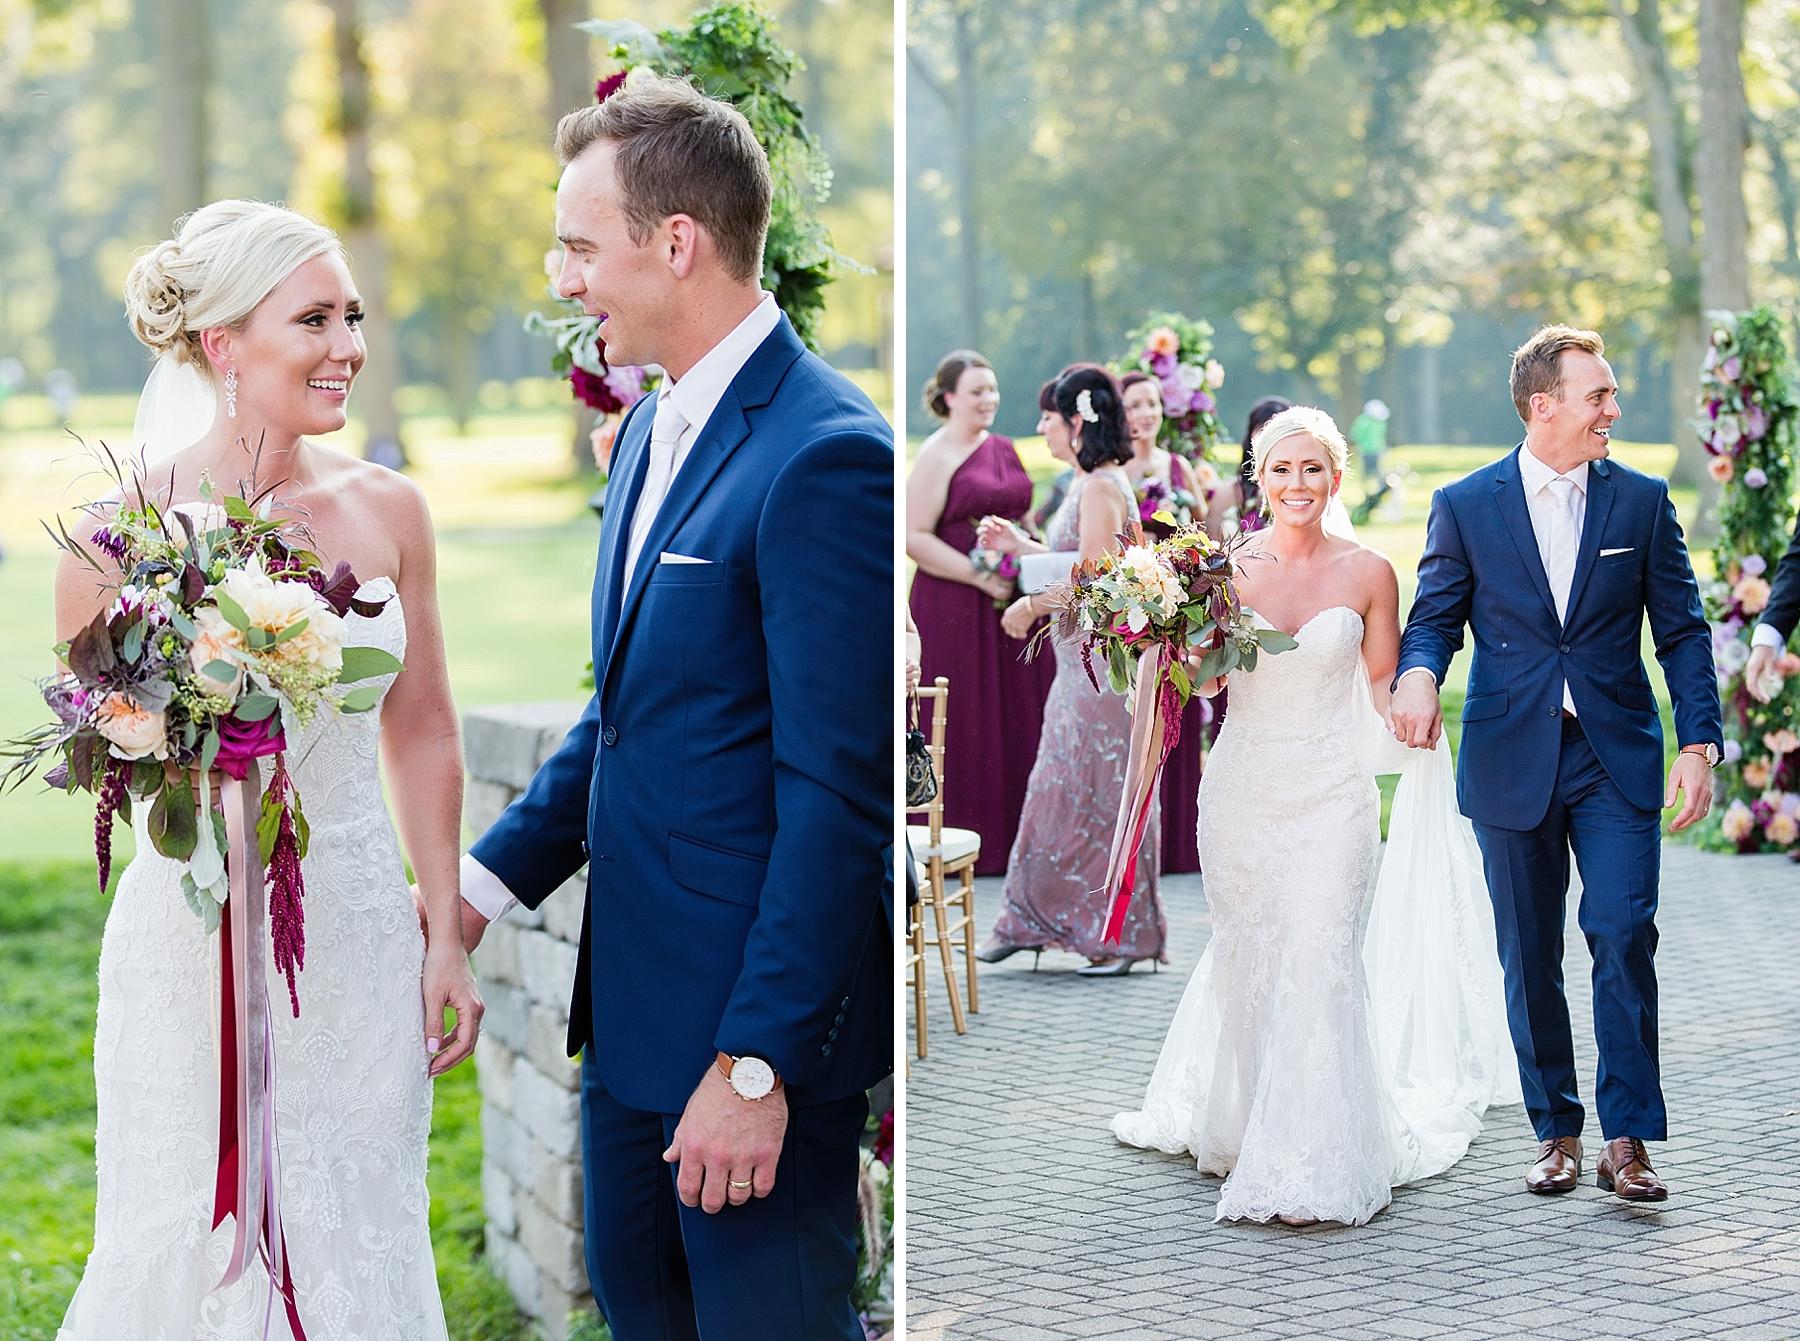 windsor-wedding-photographer-essex-golf-country-club-wedding-eryn-shea-photography_0036.jpg